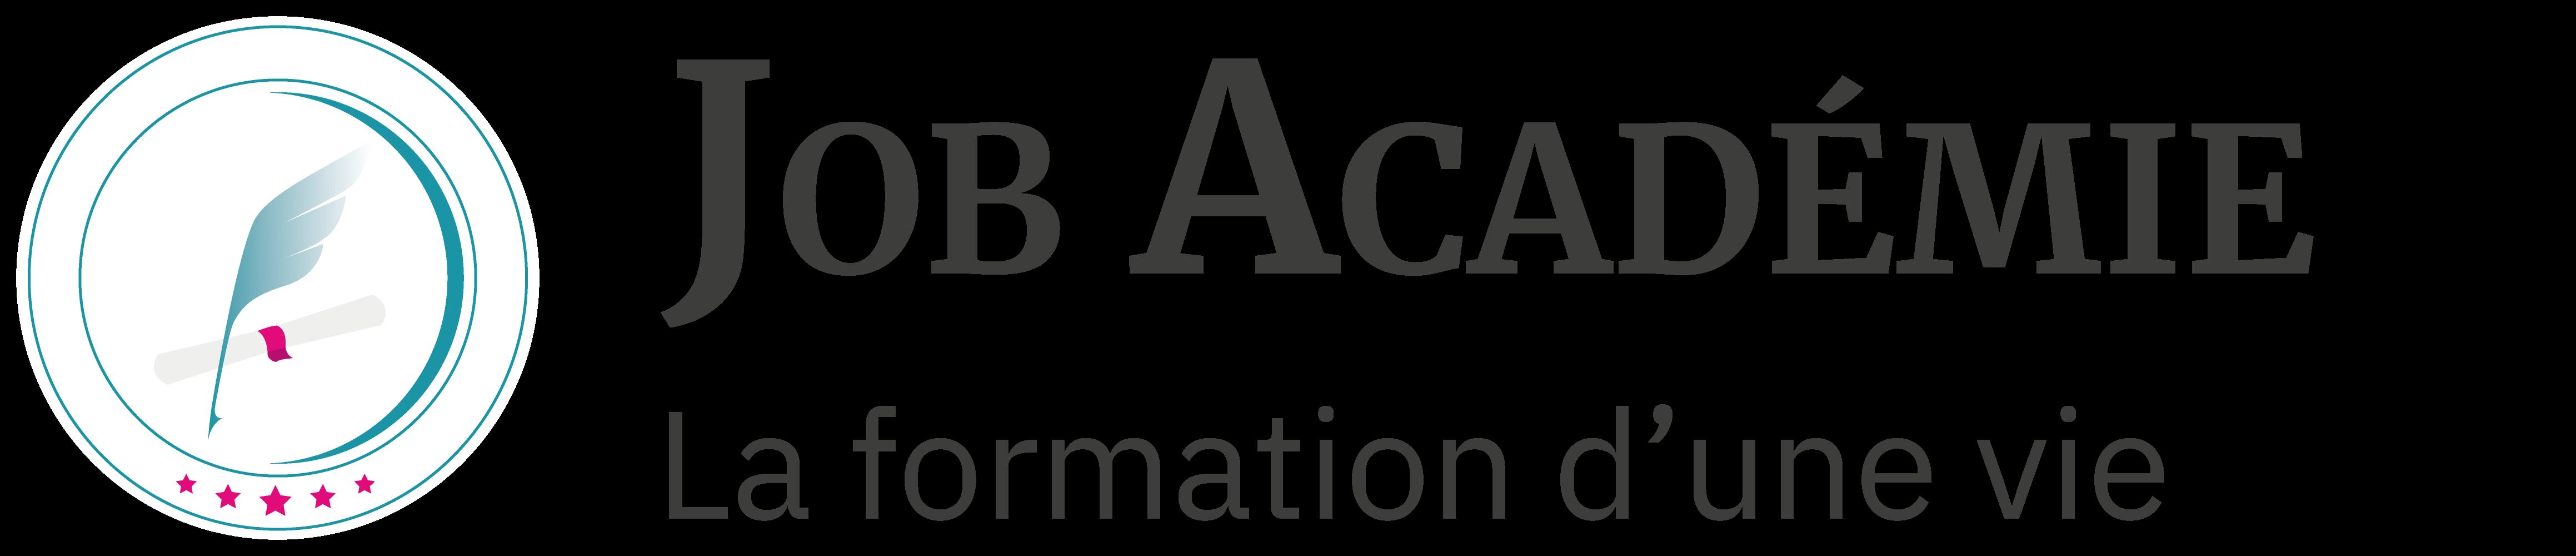 Job Académie